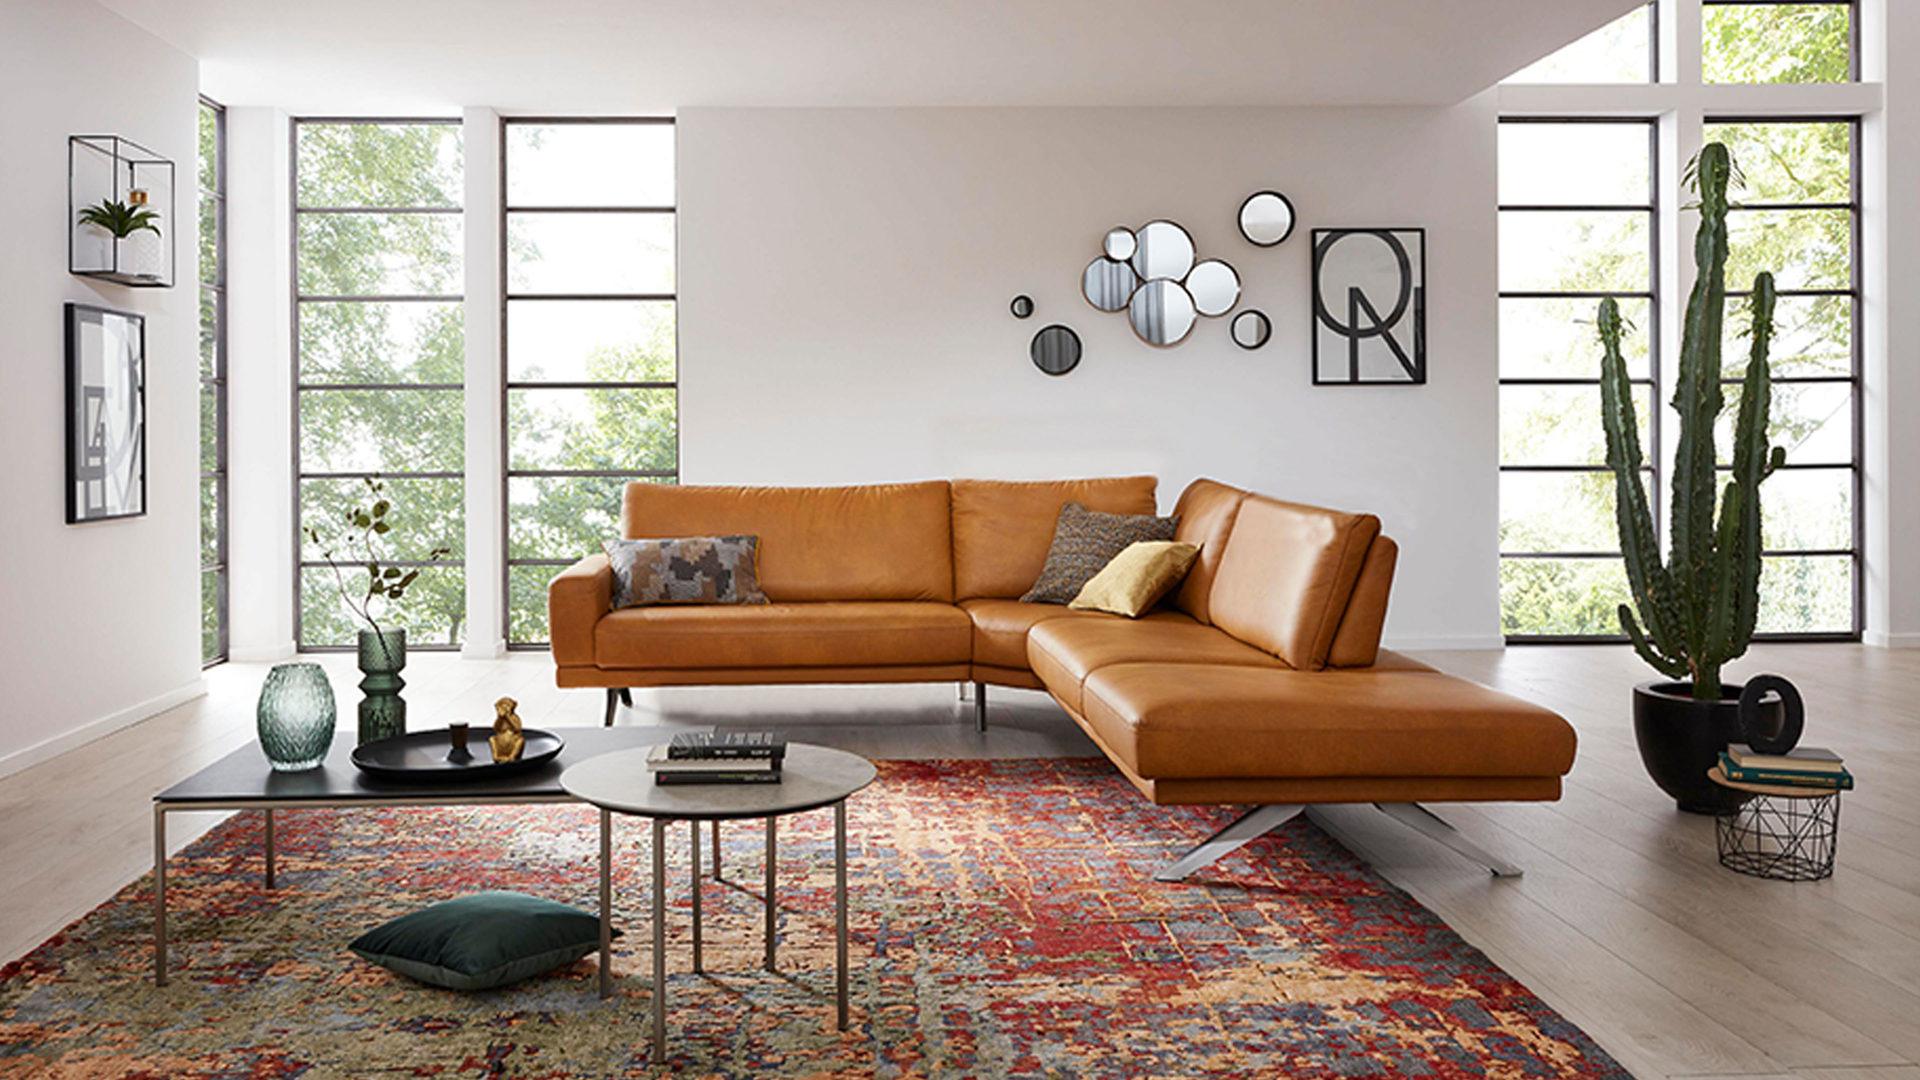 interliving sofa serie 4220 eckkombination mit funktionen